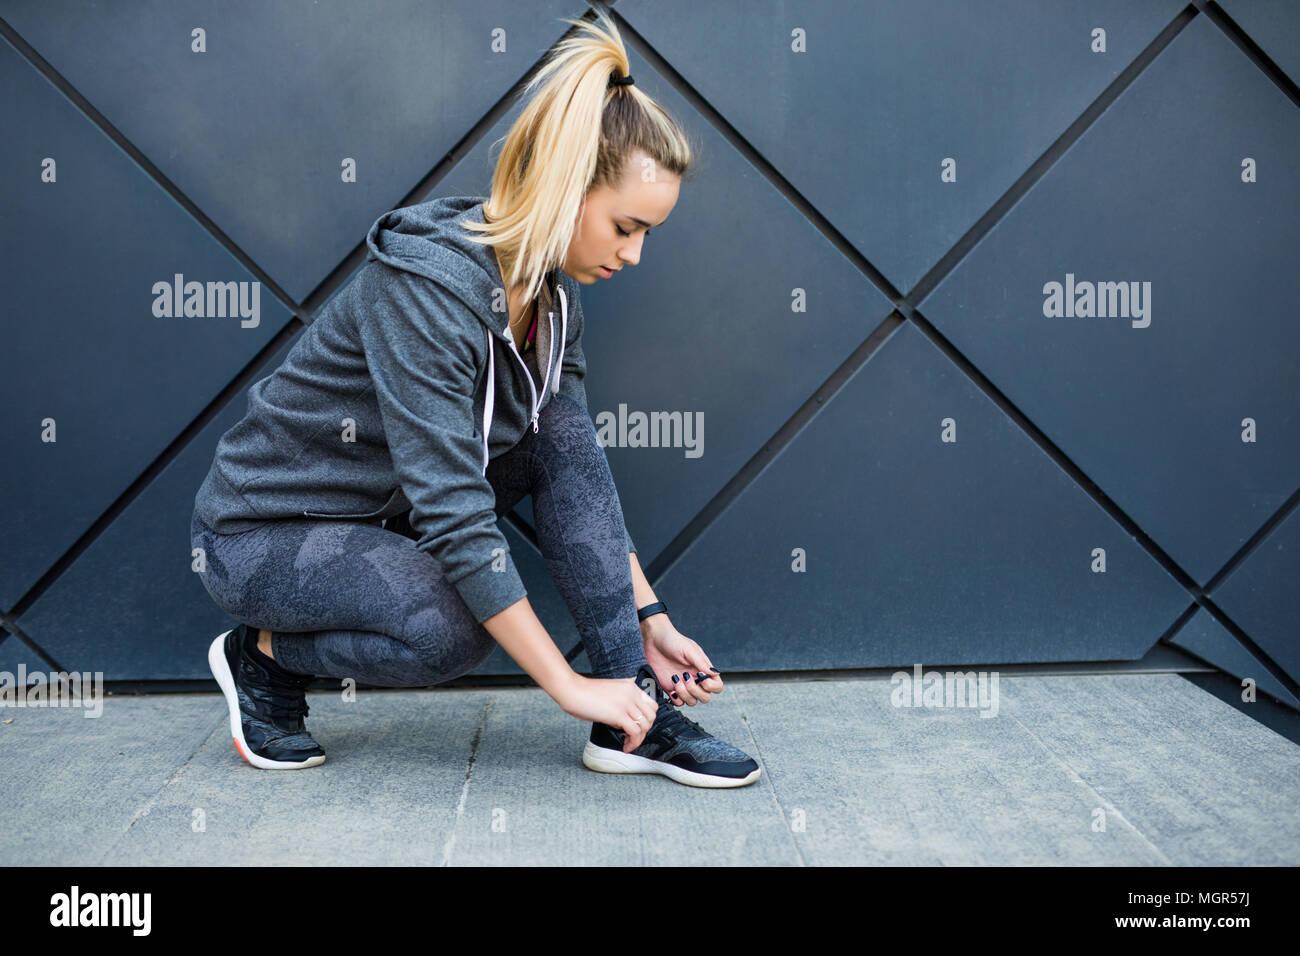 de Chaussures Liage lacetsFemme sport runner Running XuiOPkZT